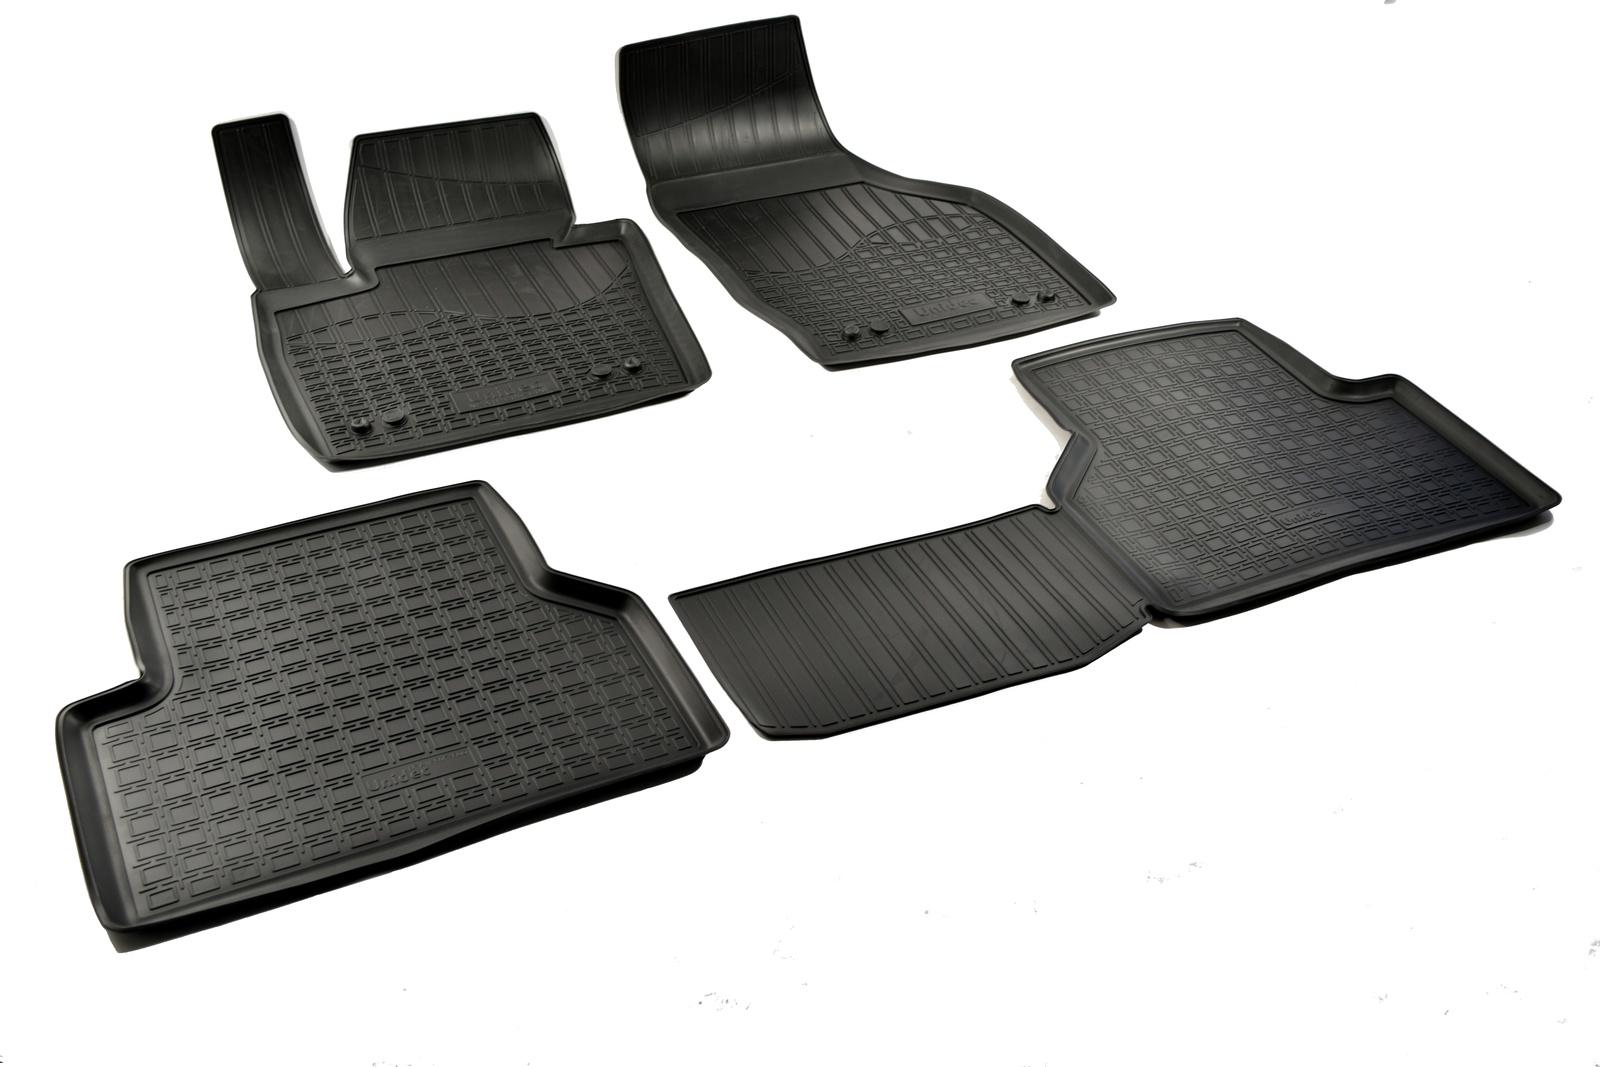 Коврики в салон автомобиля Norplast для Audi Q3 8U 2011, NPA11-C05-600, черный цены онлайн